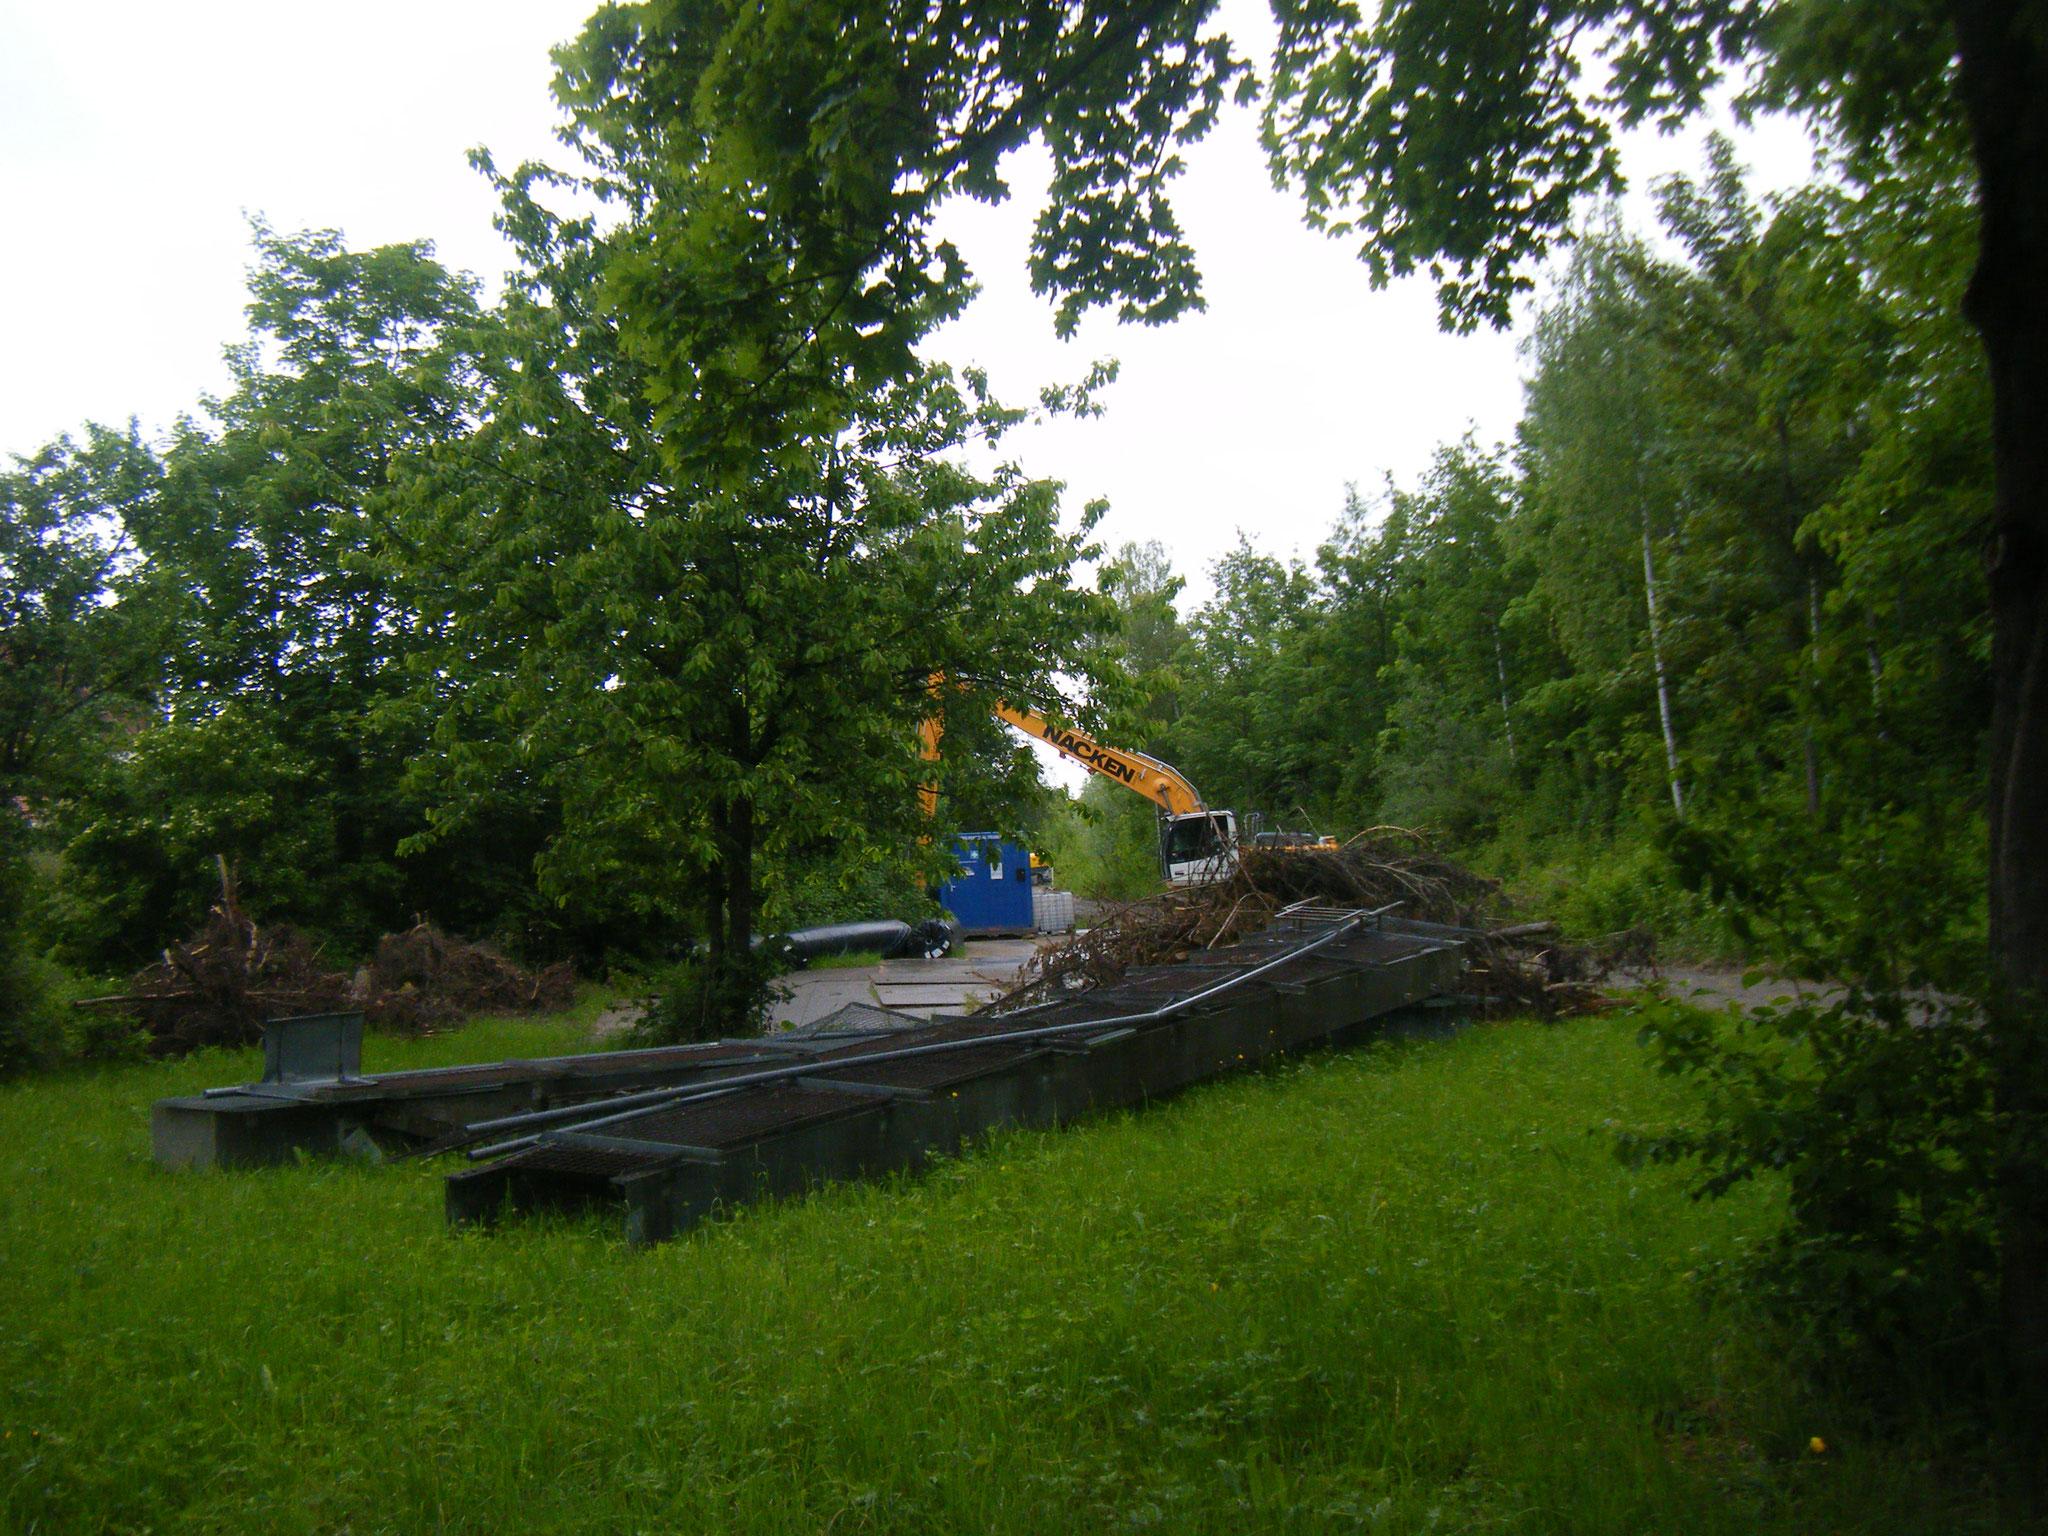 Der Steg ist nun ganz abgebrochen und wurde auf der vorderen Wiese abgelegt